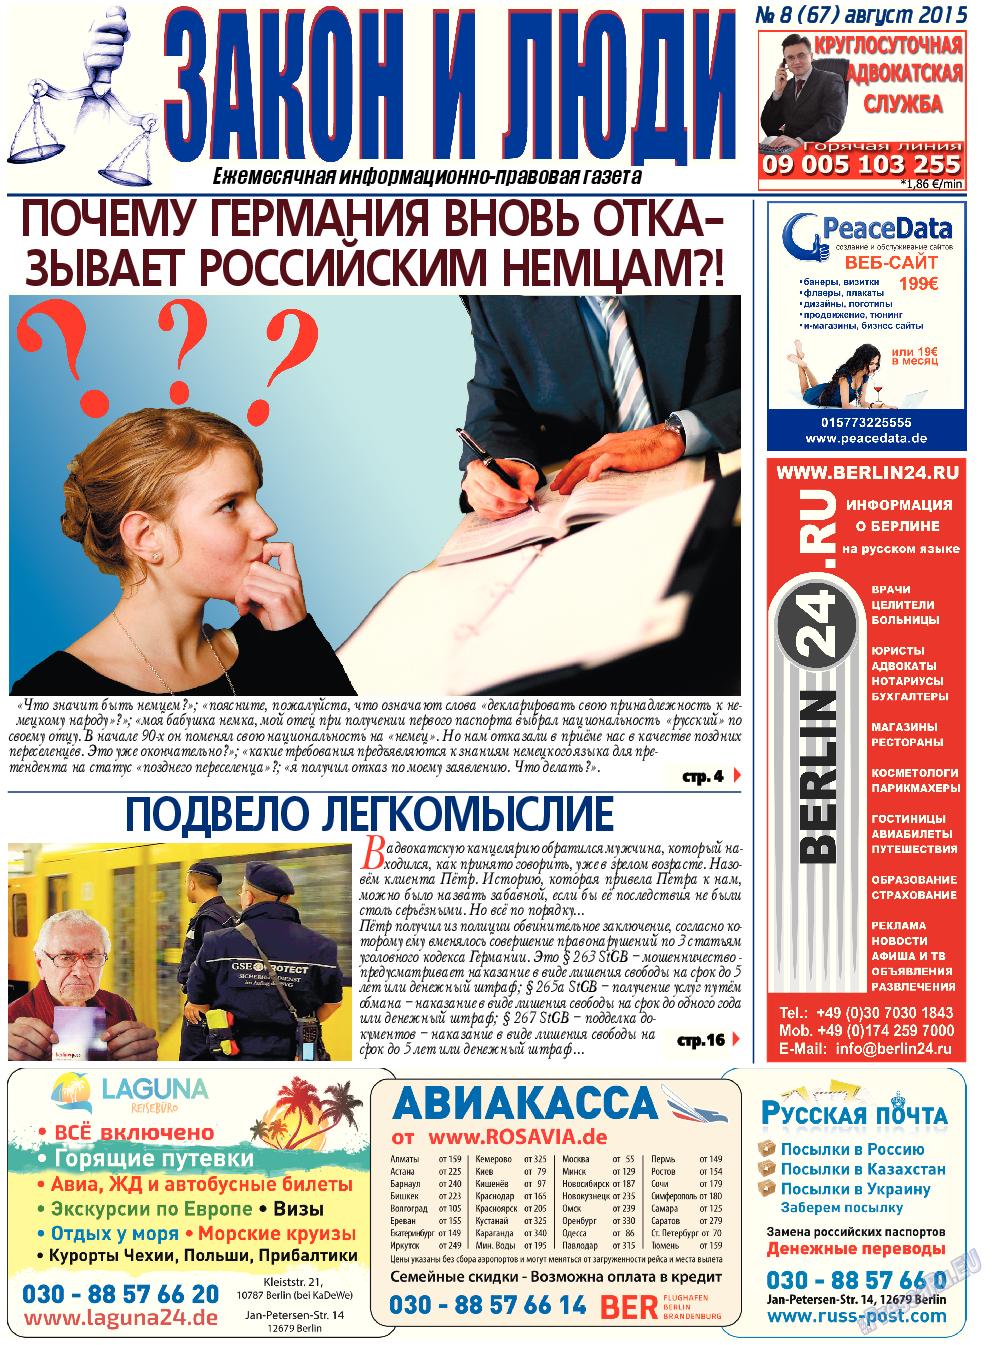 Закон и люди (газета). 2015 год, номер 8, стр. 1